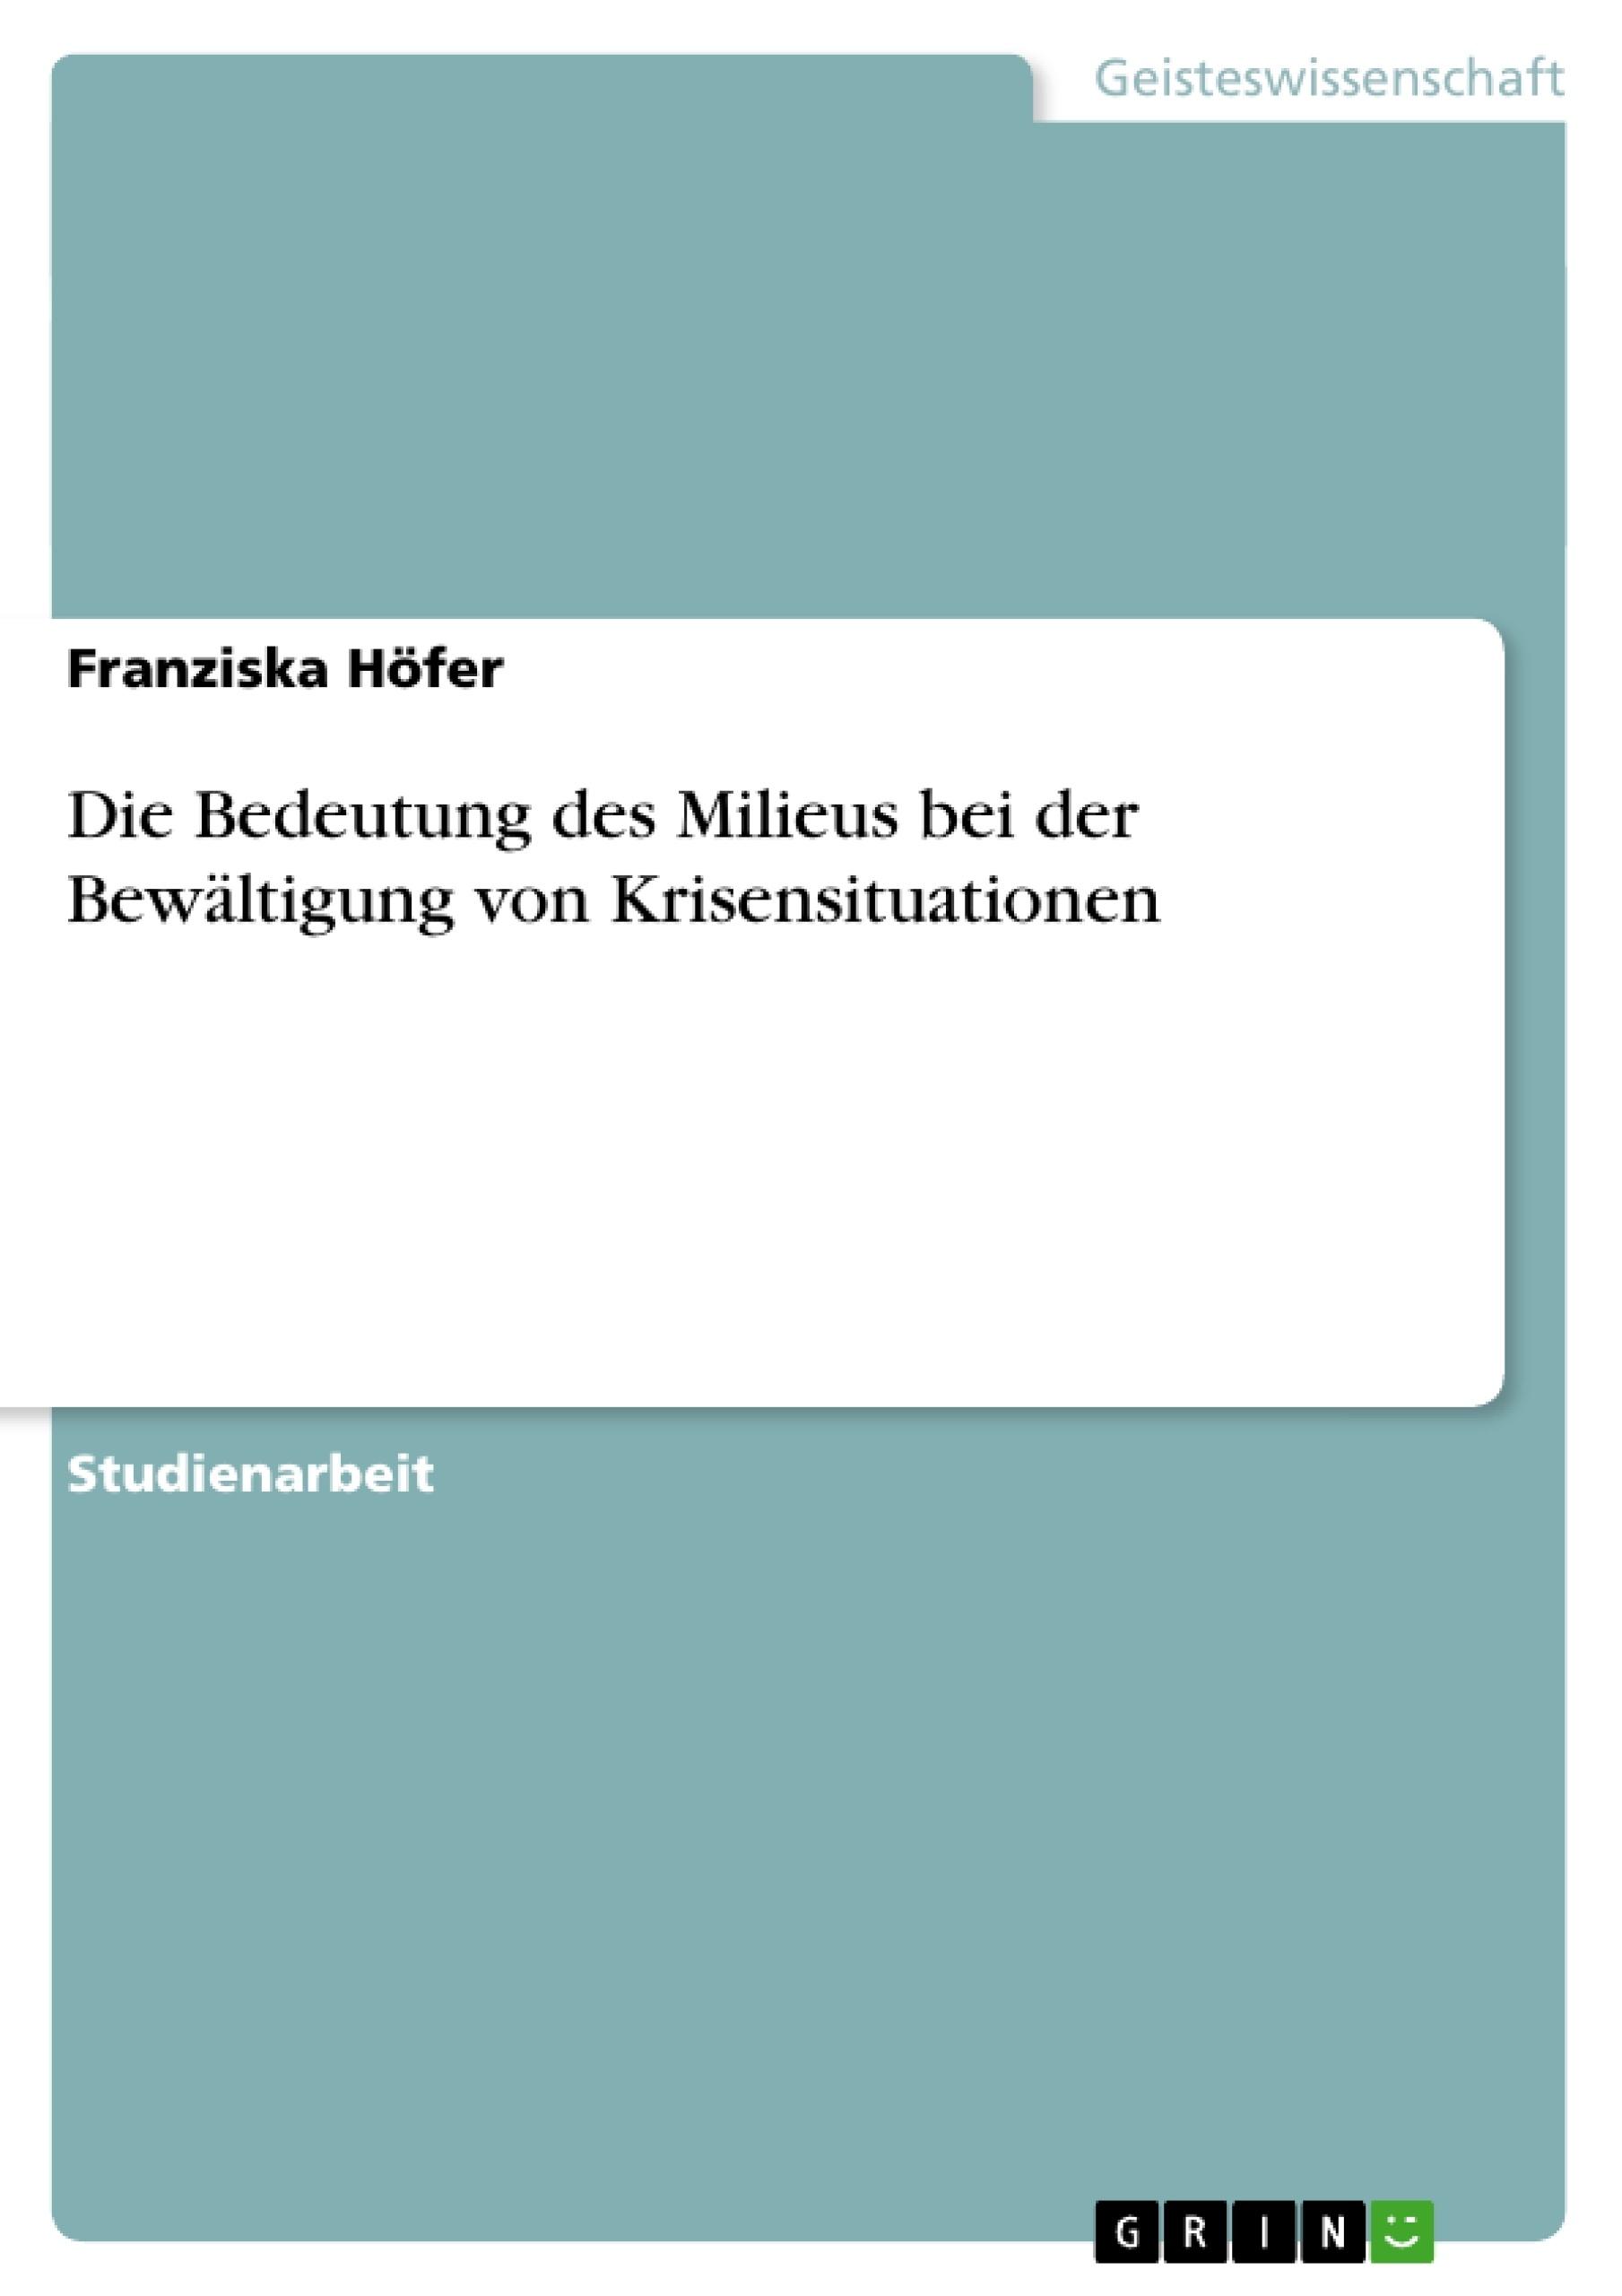 Titel: Die Bedeutung des Milieus bei der Bewältigung von Krisensituationen